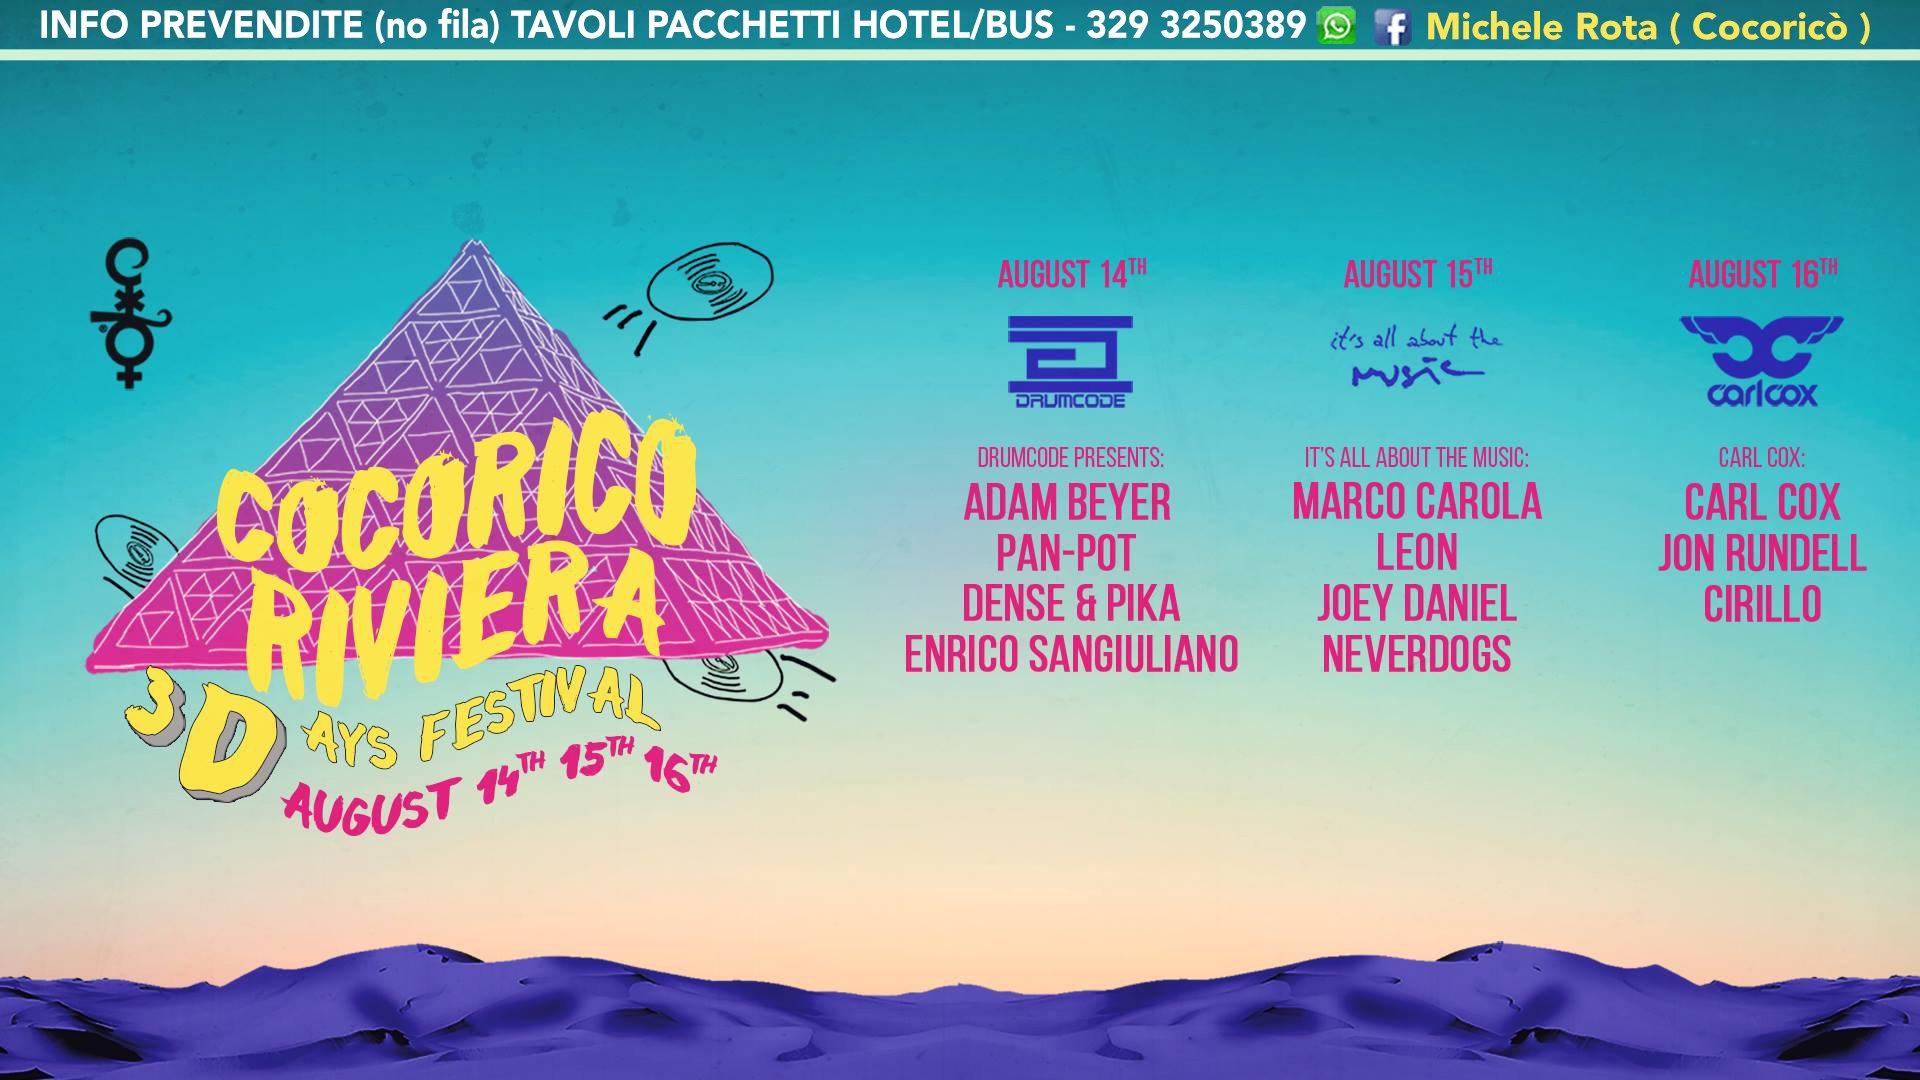 Cocorico 3days Festival 14 15 16 Agosto 2017 ADAM BEYER MARCO CAROLA CARL COX Ticket Pacchetti Hotel